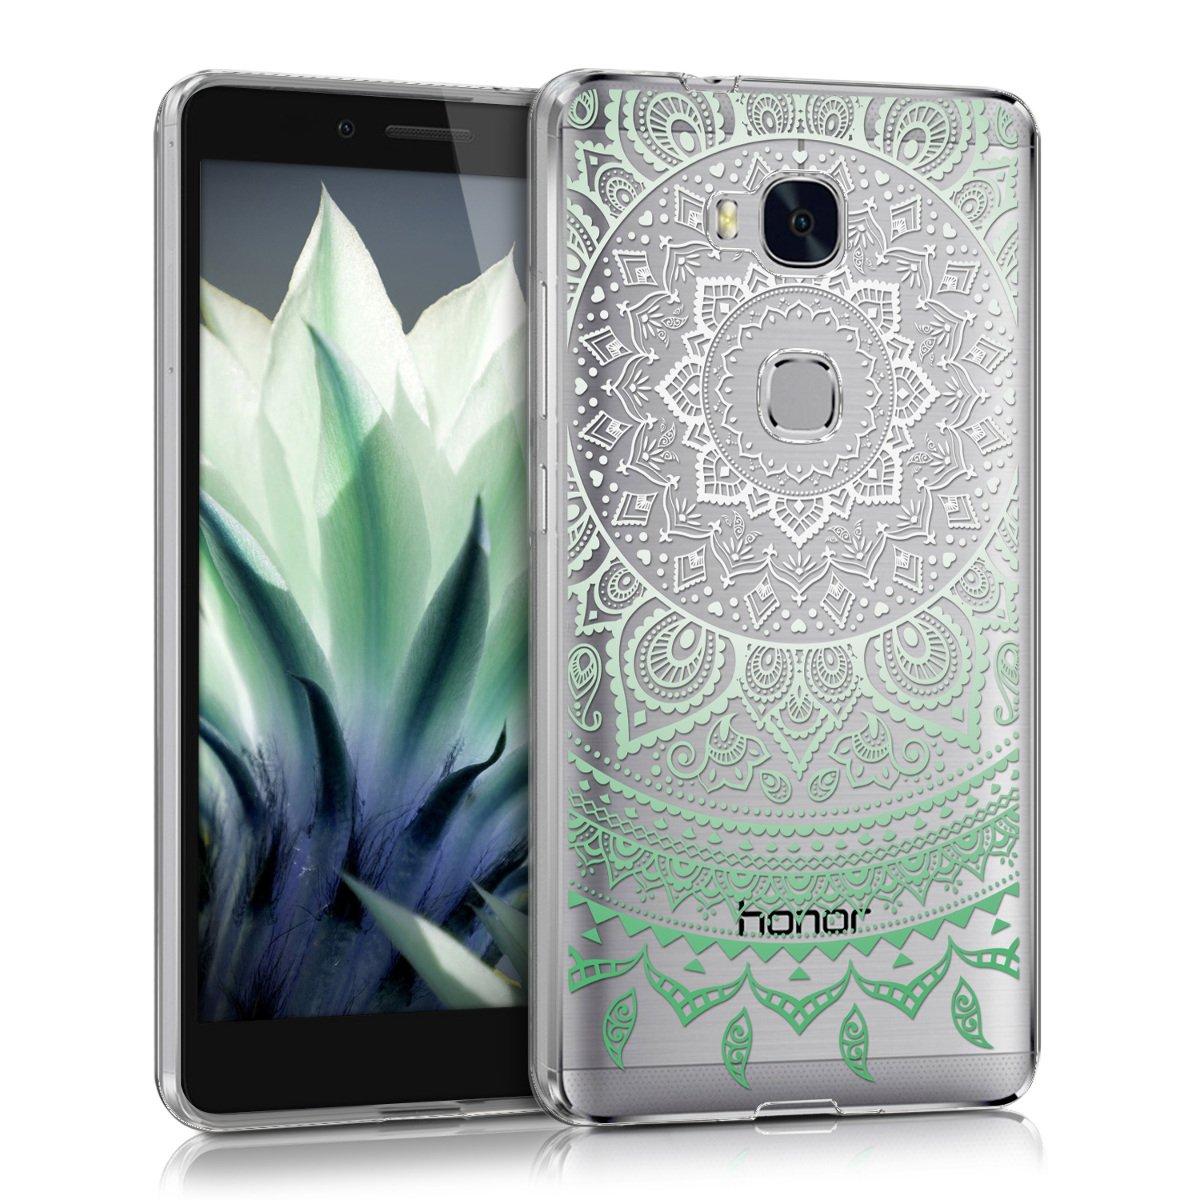 kwmobile Funda para Huawei Honor 5X / GR5 - Carcasa de [TPU] para móvil y diseño de Sol hindú en [Menta Blanco Transparente]